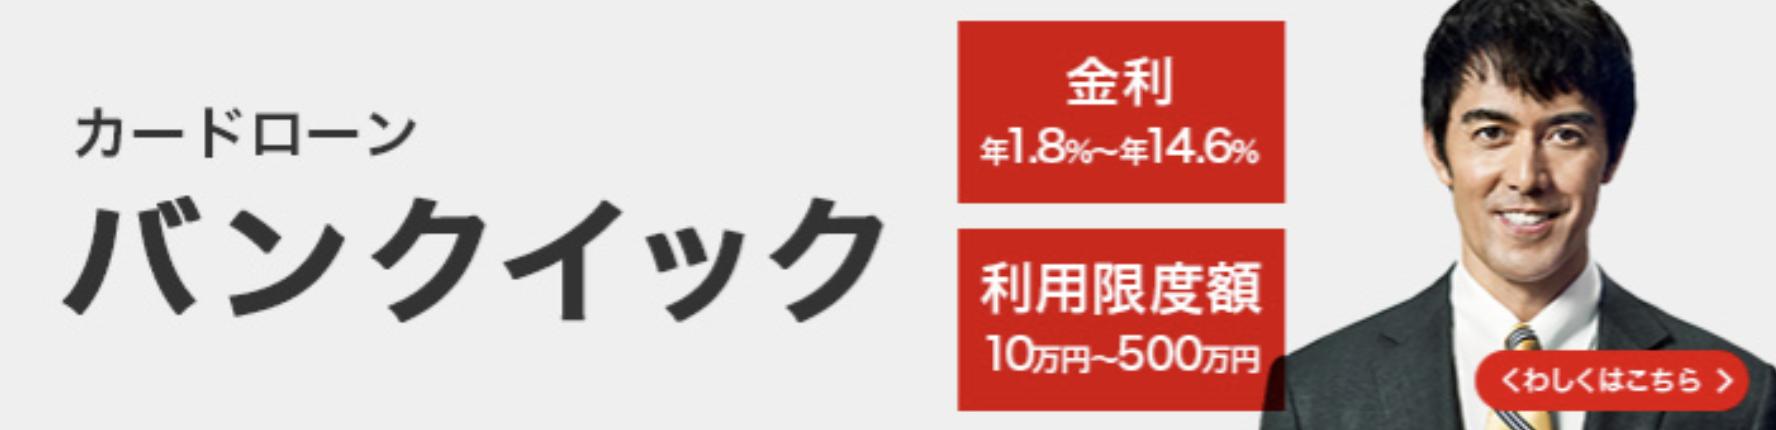 カードローン_審査_甘い_三菱